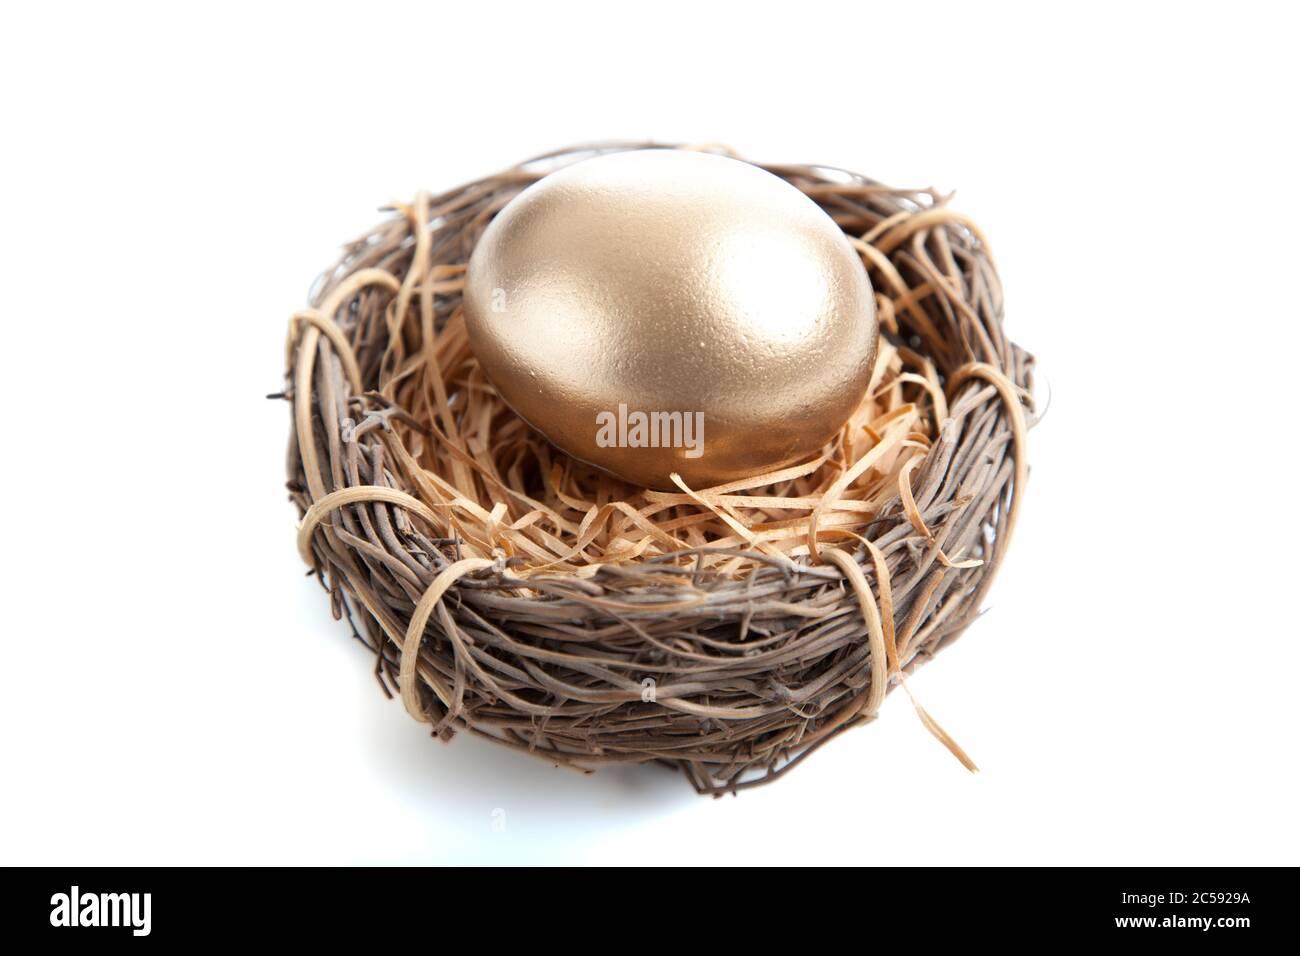 Un œuf d'or en nid sur fond blanc Banque D'Images